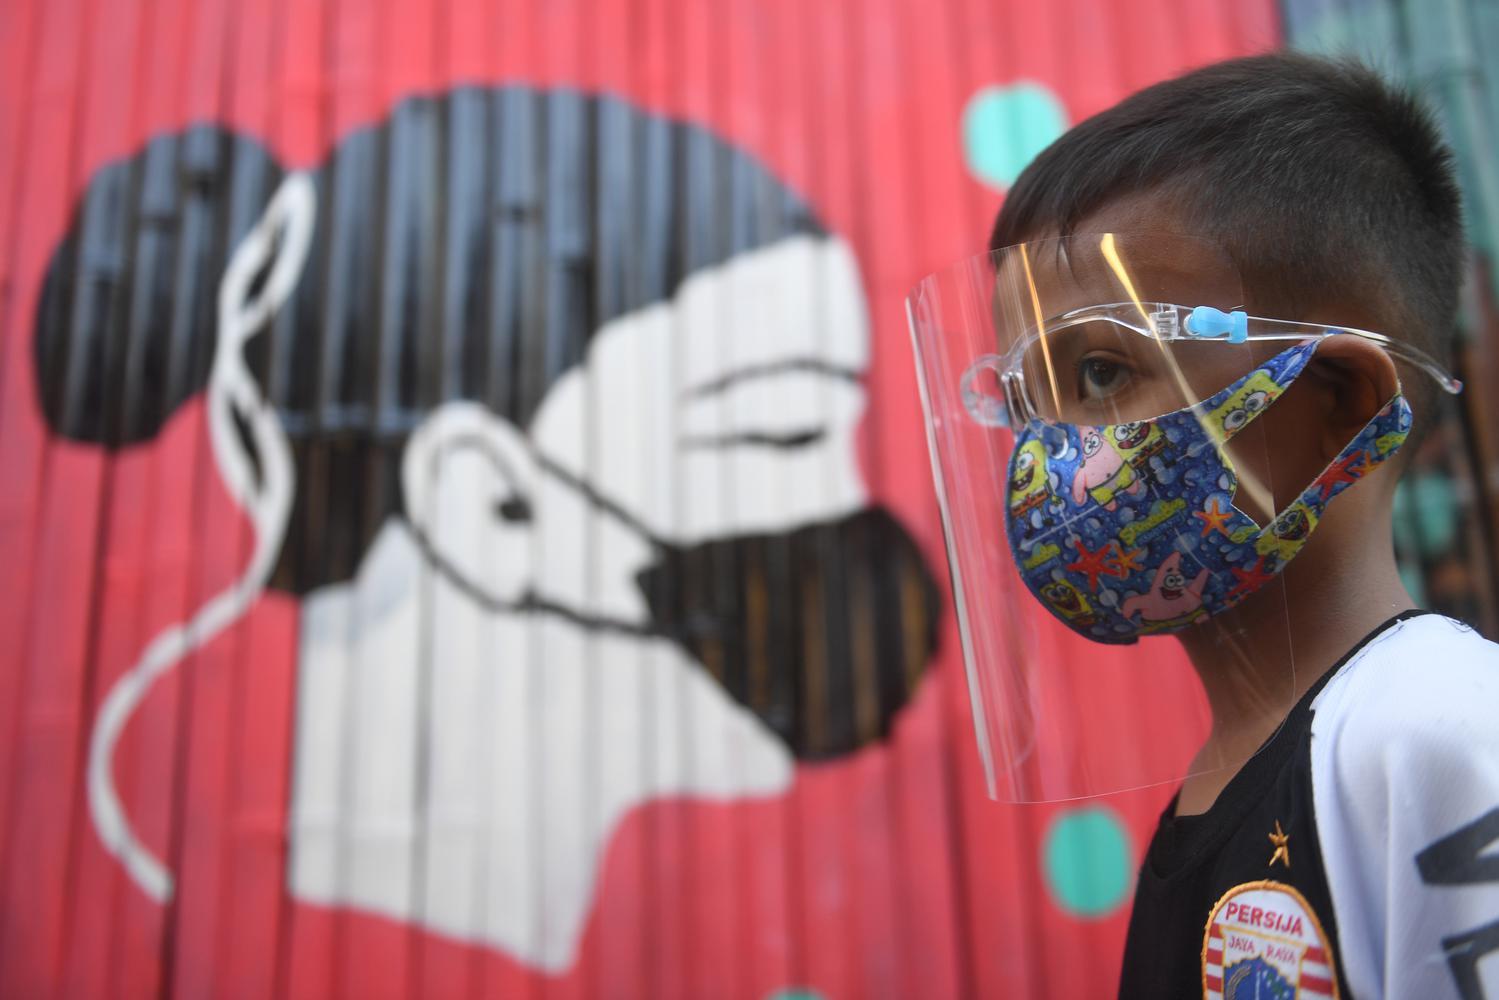 Seorang anak melintasi mural bertema COVID-19 di Jakarta, Senin (27/7/2020). Berdasarkan data dari Satgas Penanganan COVID-19 per 27 Juli 2020, kasus positif COVID-19 di Indonesia telah mencapai 100.303 kasus, dimana 58.173 orang dinyatakan sembuh dan 4.838 orang meninggal dunia.